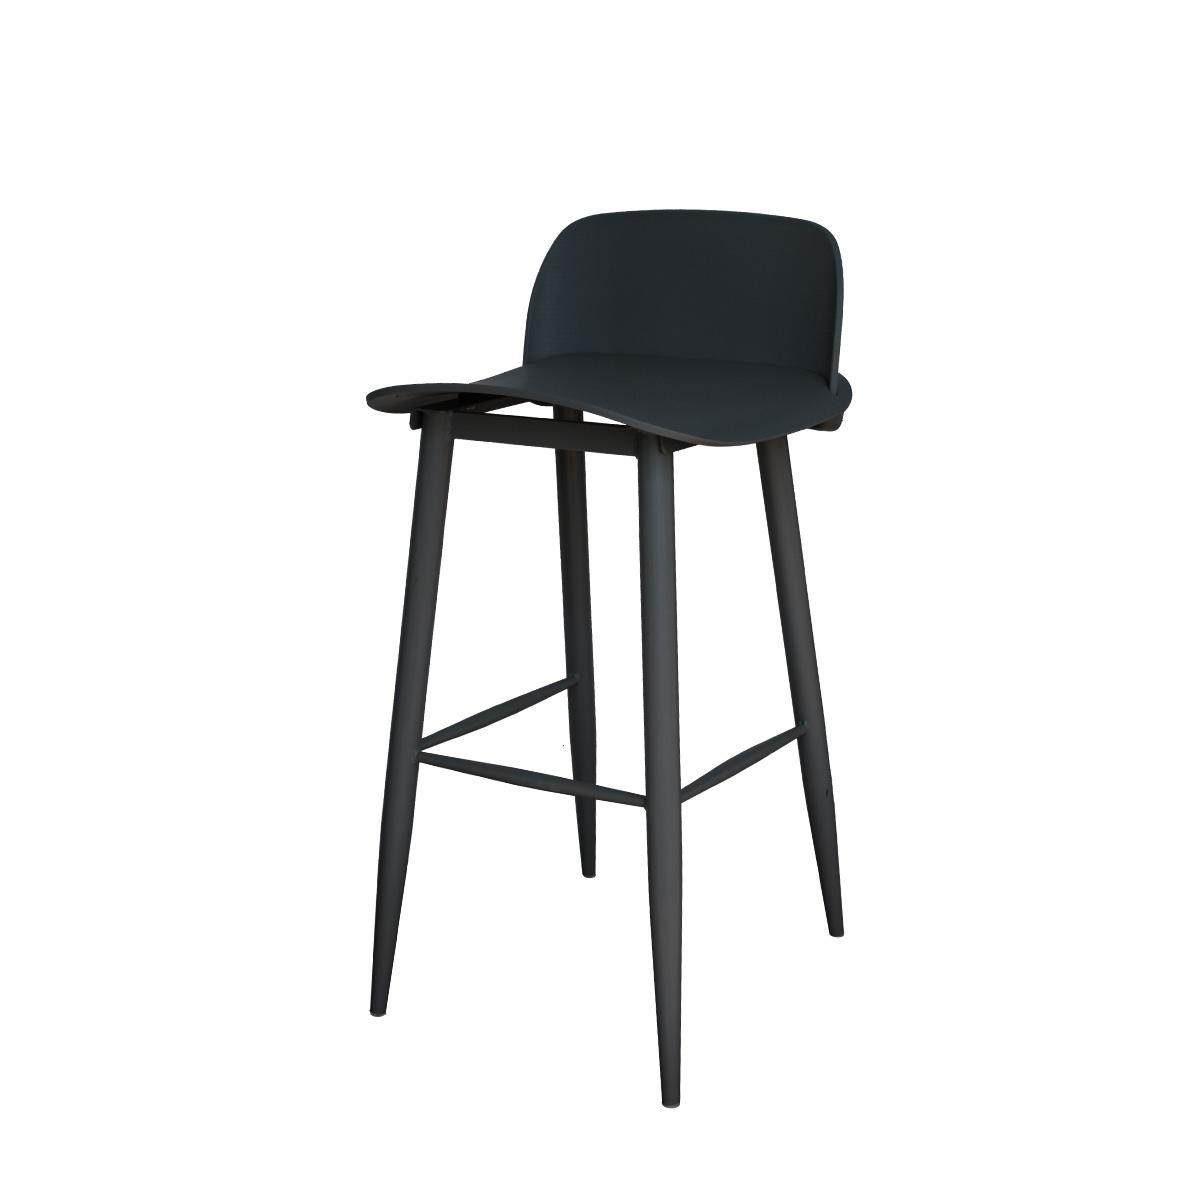 Barska stolica Grey MU19-001B